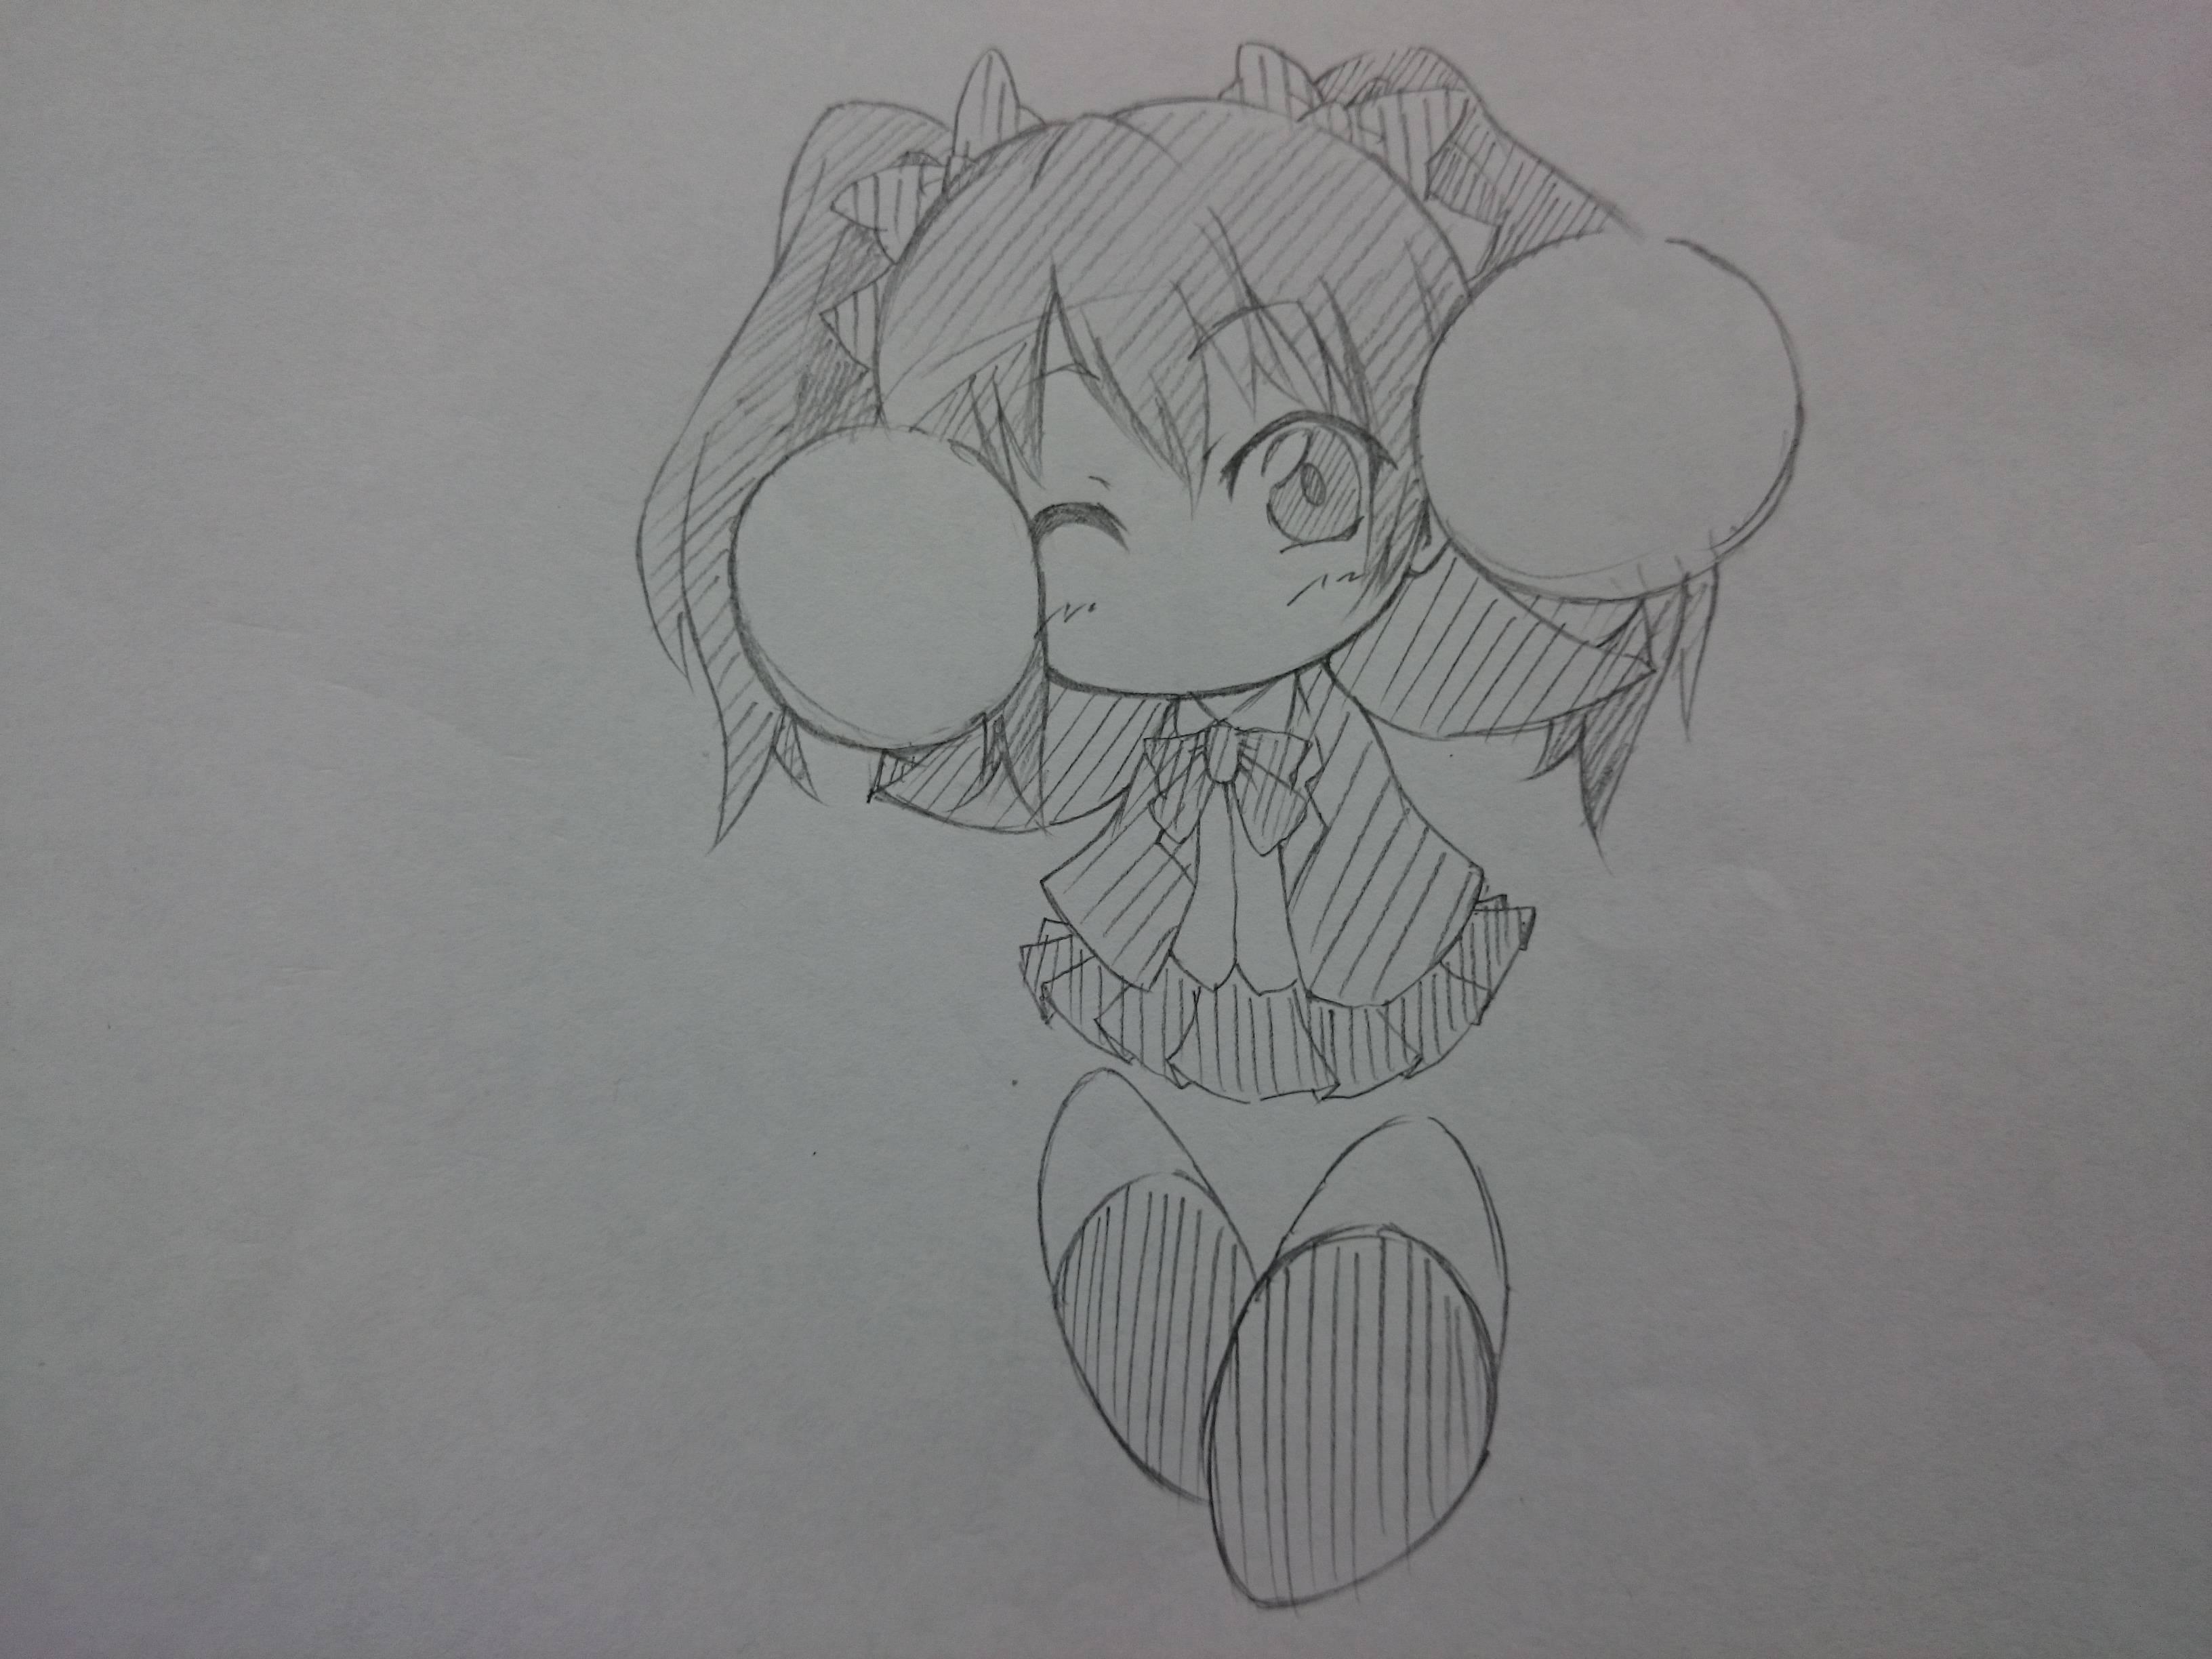 【うまい】アニメとかのキャラクターをパワ体で描いた【パワプロ】